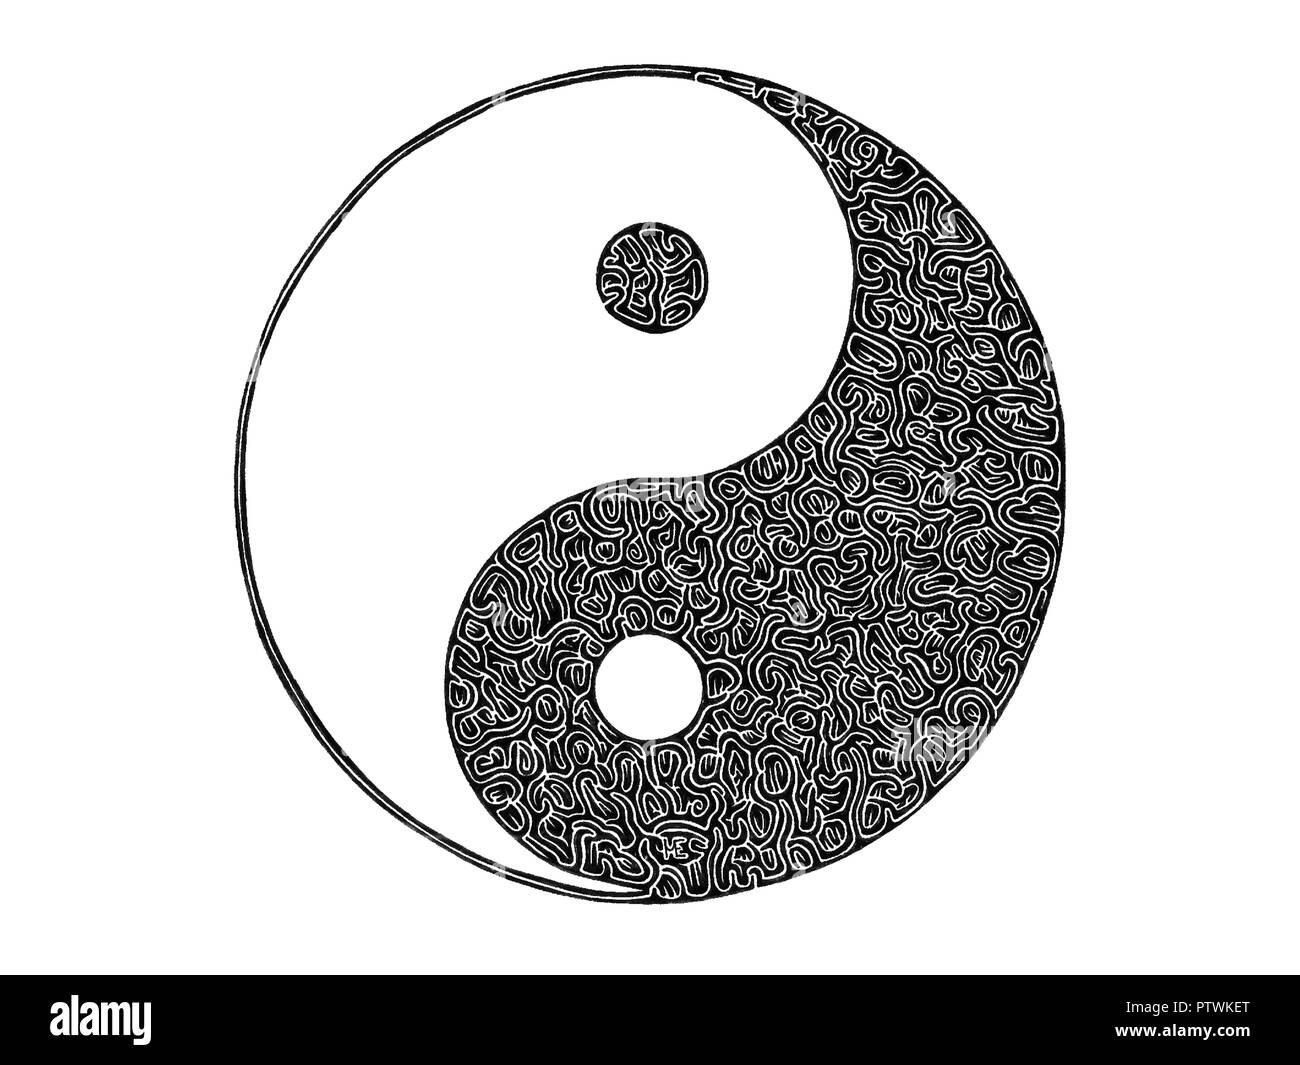 Ilustración Dibujo Del Símbolo De Yin Y Yang Blanco Y Negro